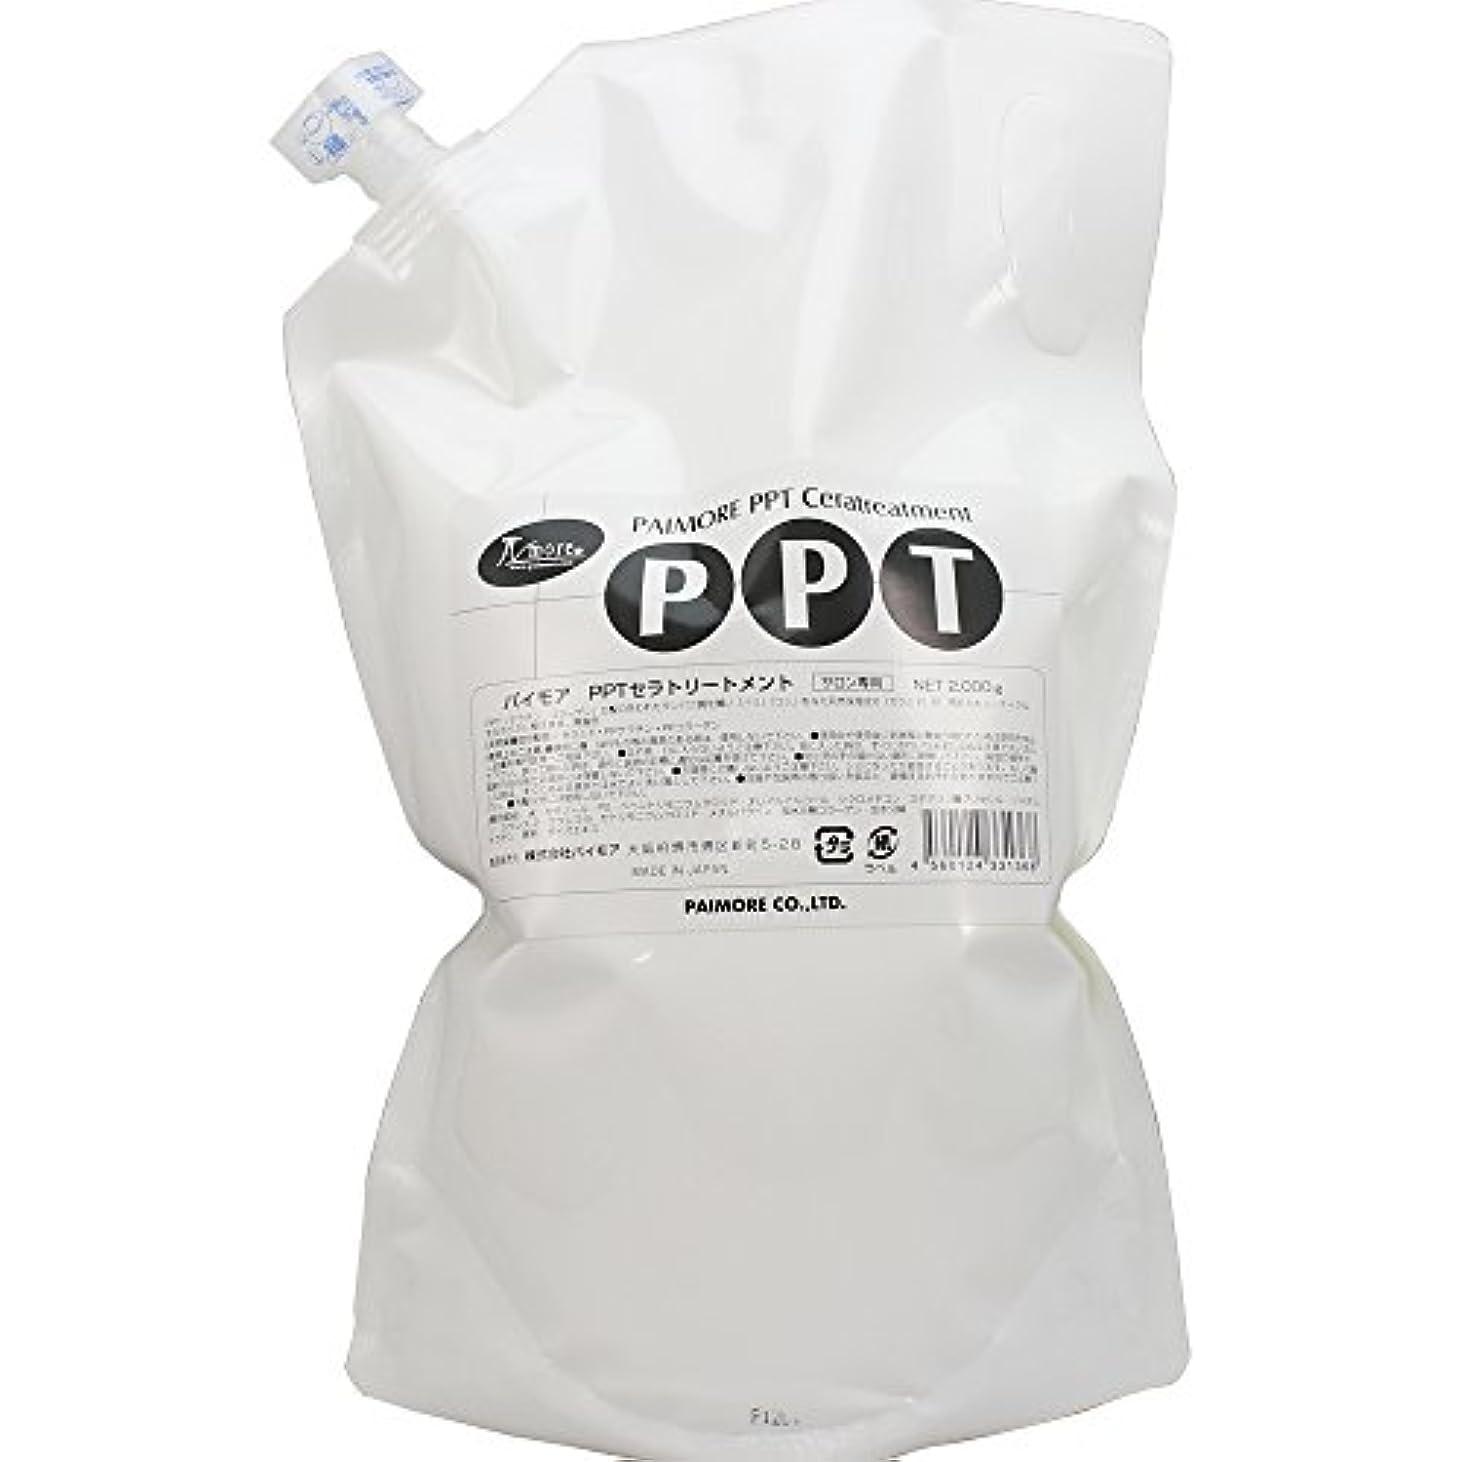 ヒロイック好意的かまどπmore 2000g パイモア PPT Cera Treatment PPTセラトリートメント 詰め替え